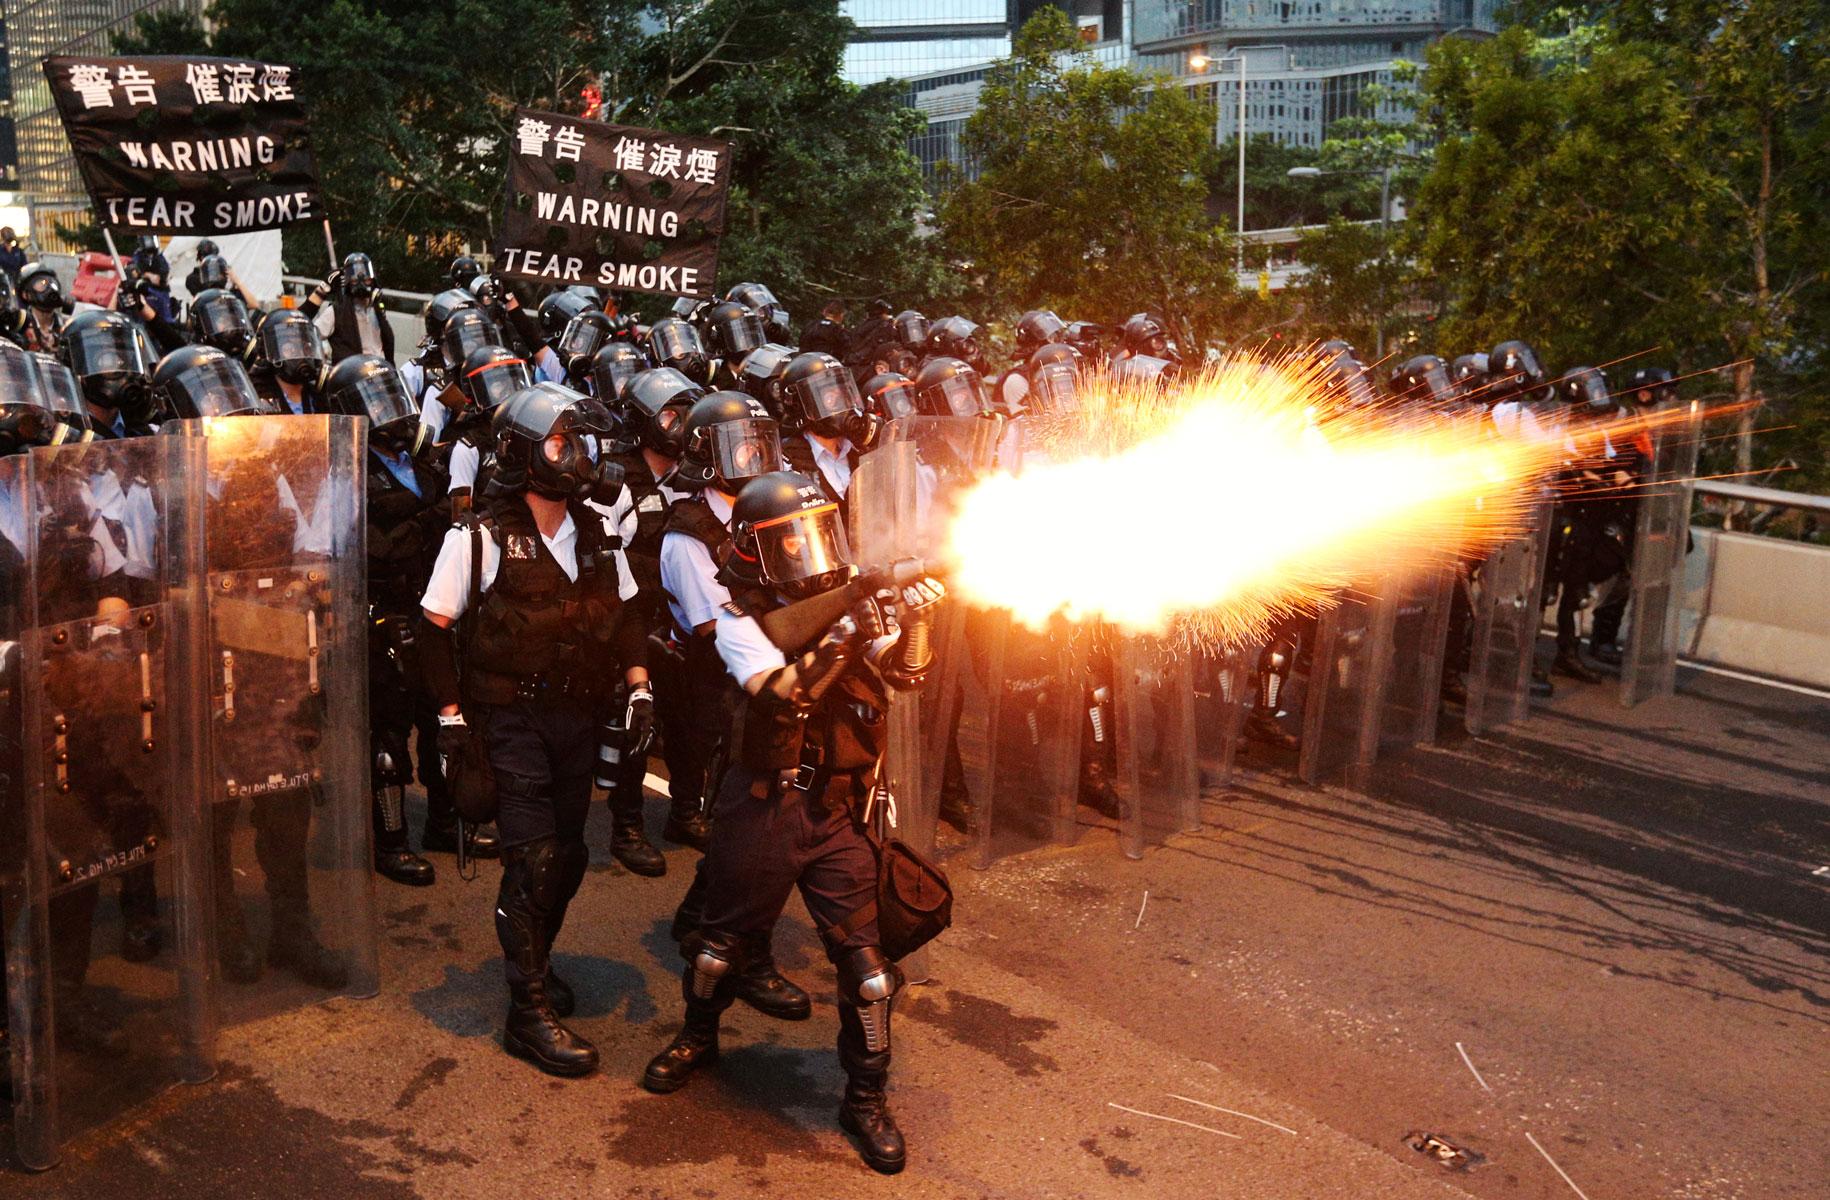 Полицейские распыляют слезоточивый газ против демонстрантов вГонконге, выступающих против принятия закона обэкстрадиции. Местные жители считают, что власти Китая будут использовать этот закон дляпреследования политических активистов